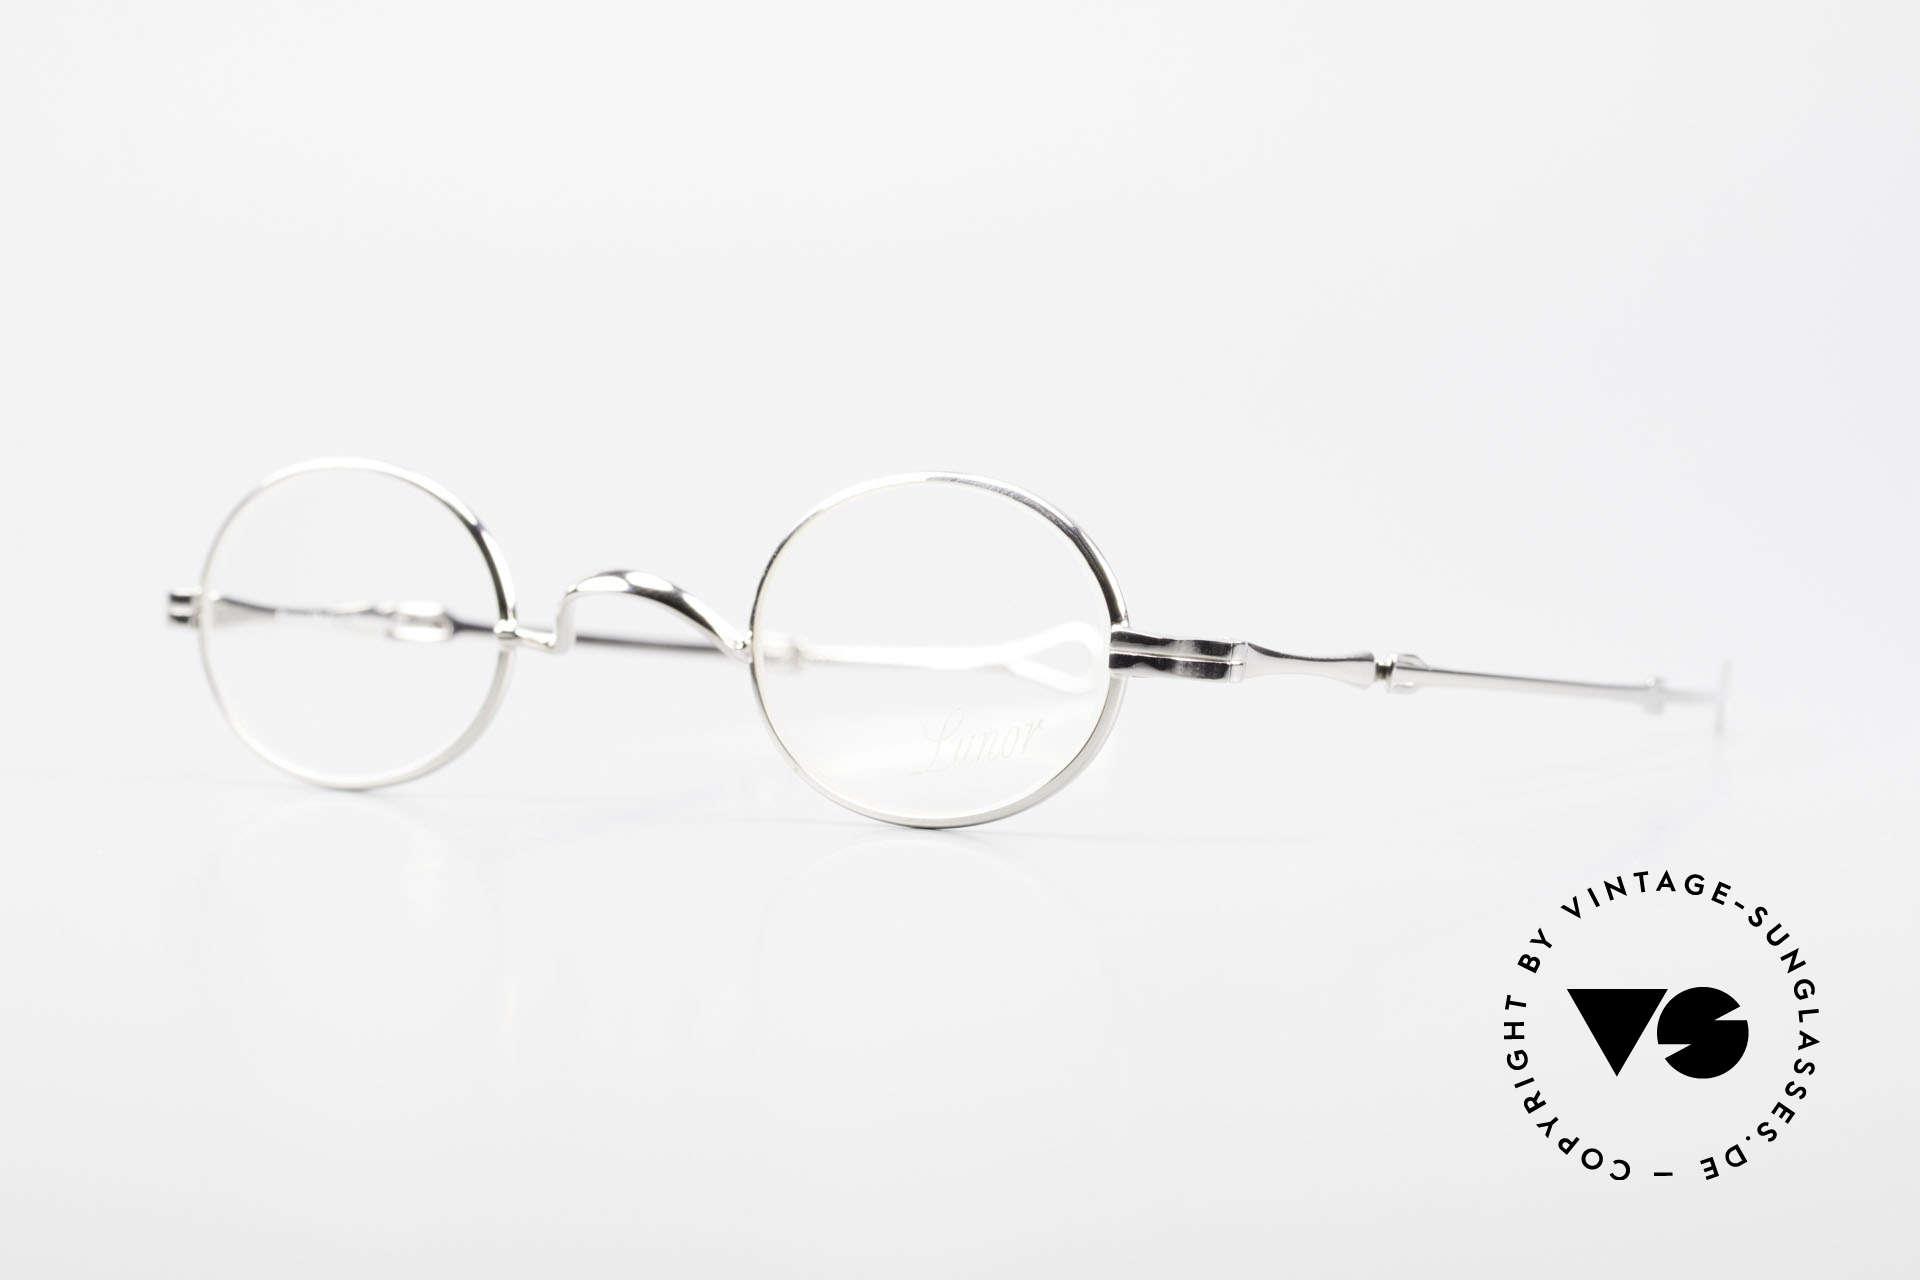 Lunor I 04 Telescopic Ovale Schiebebügel Brille XS, Brillendesign in Anlehnung an frühere Jahrhunderte, Passend für Herren und Damen